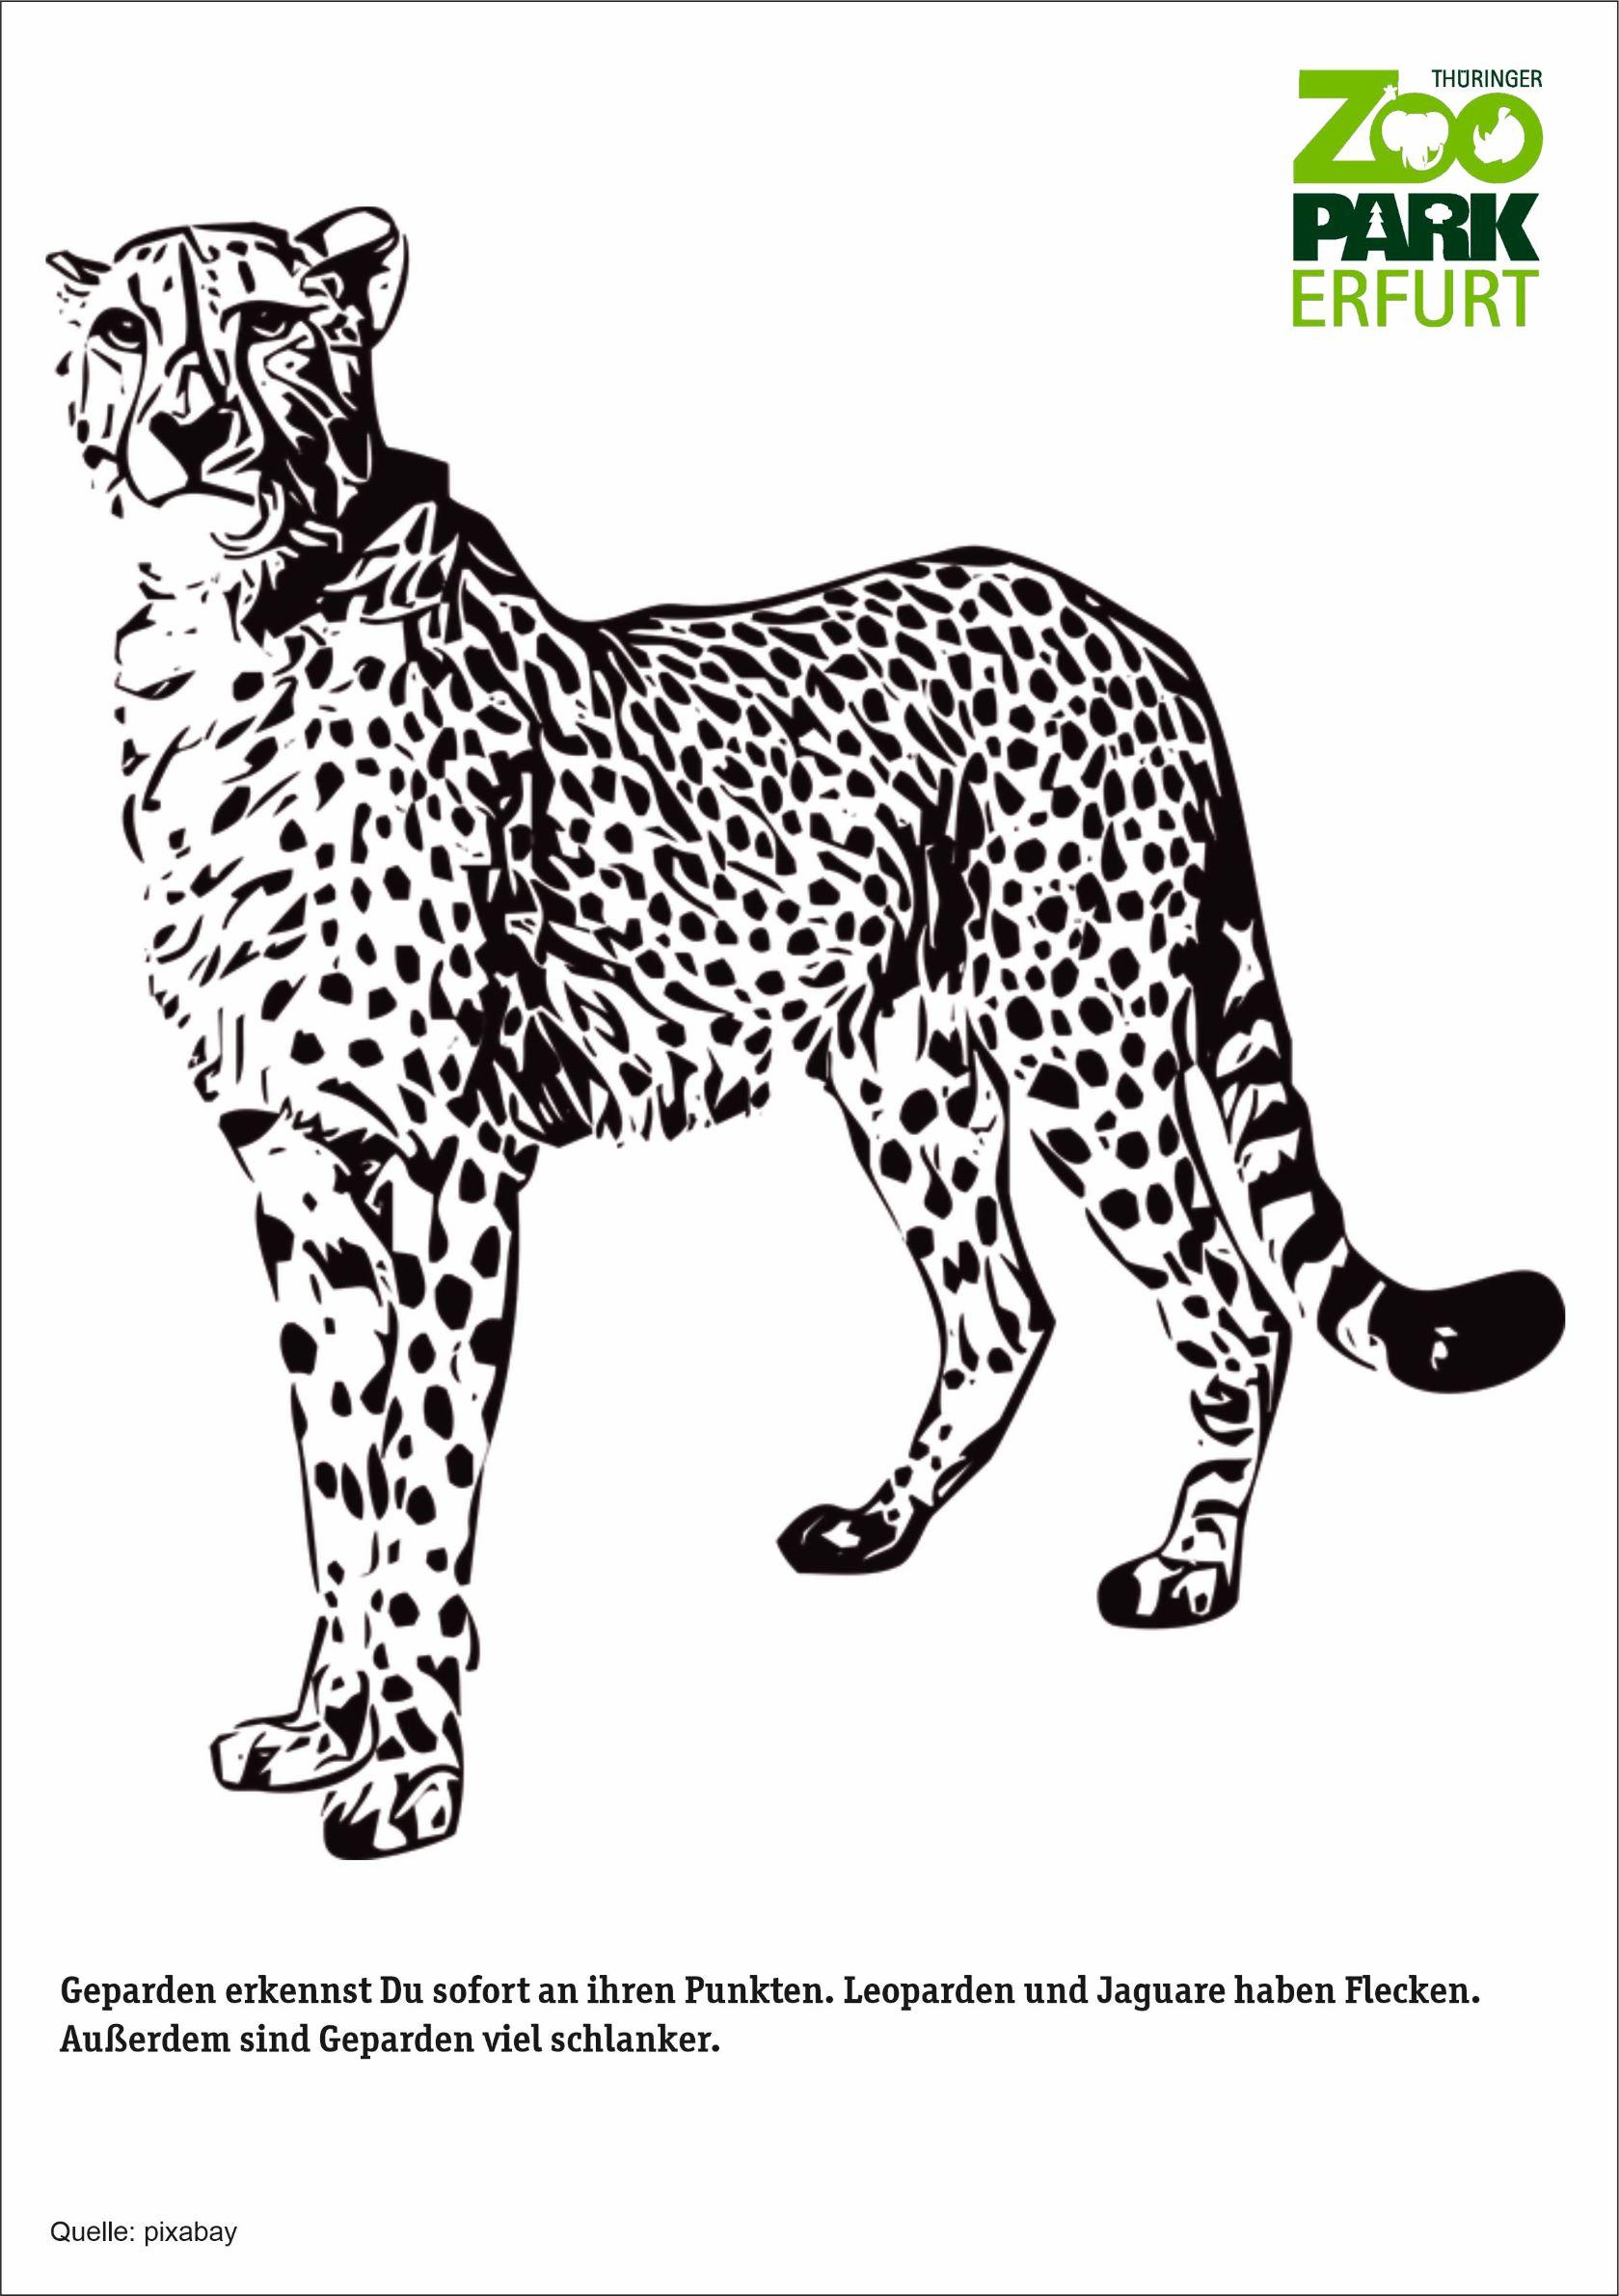 geparden  zoopark erfurt